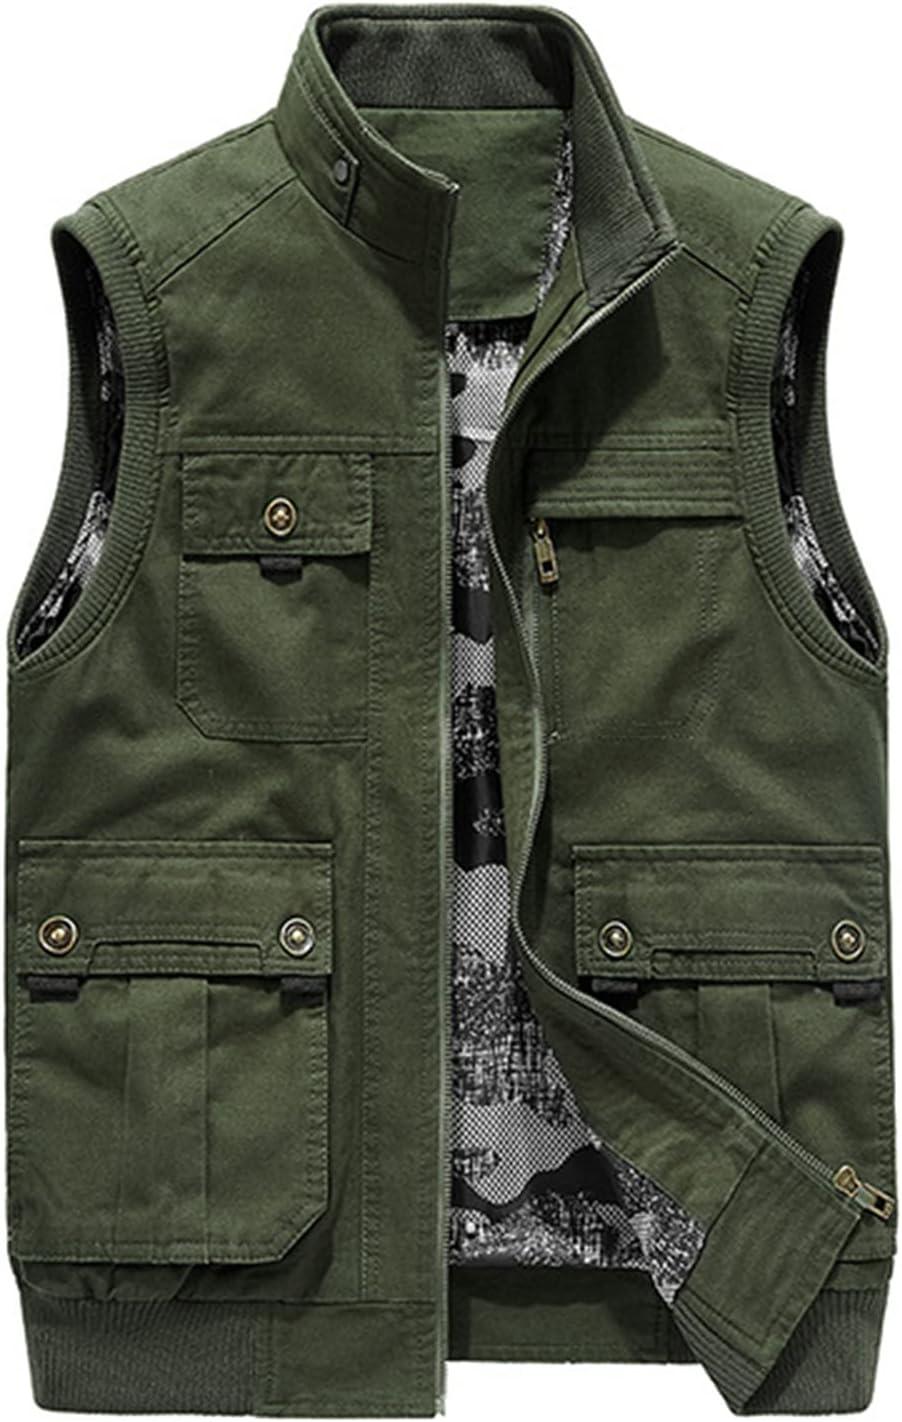 WFEI Men Vest Spring Autumn Men's Sleeveless Jacket Comfortable Men's Vest Military Vest Pocket Coat Male Waistcoat,Green,M